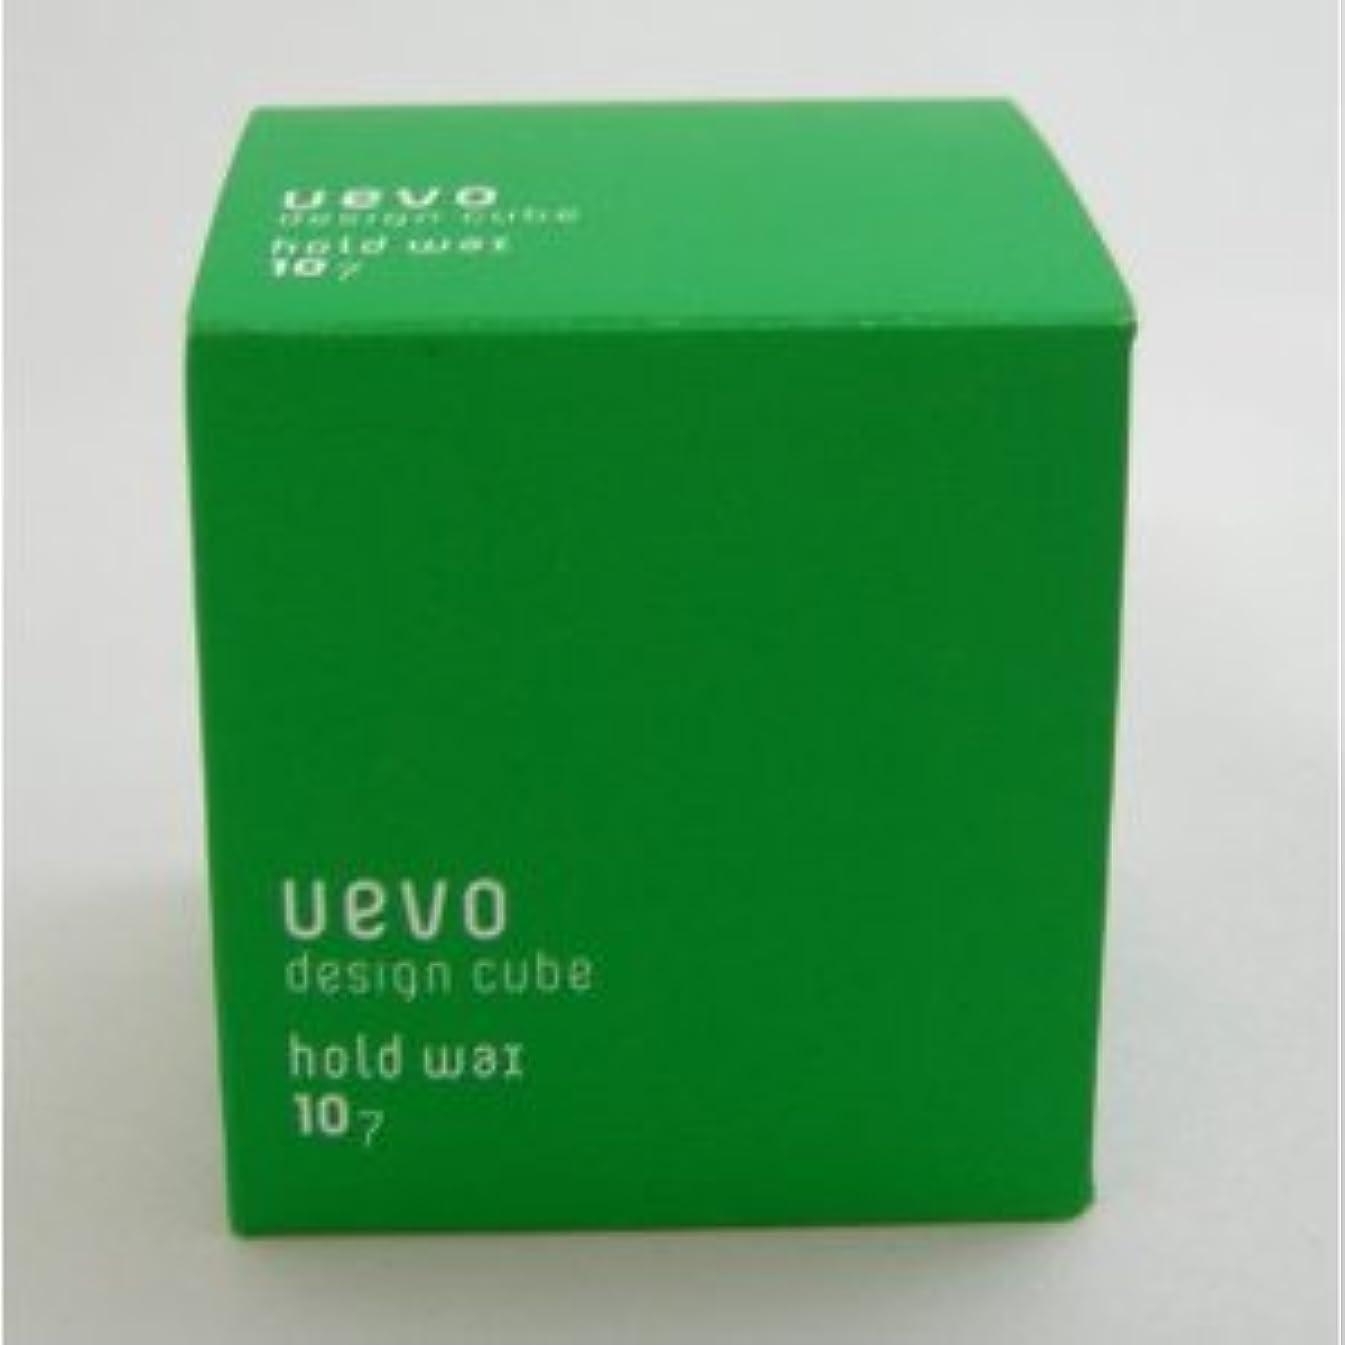 くすぐったい若さ申請者【X3個セット】 デミ ウェーボ デザインキューブ ホールドワックス 80g hold wax